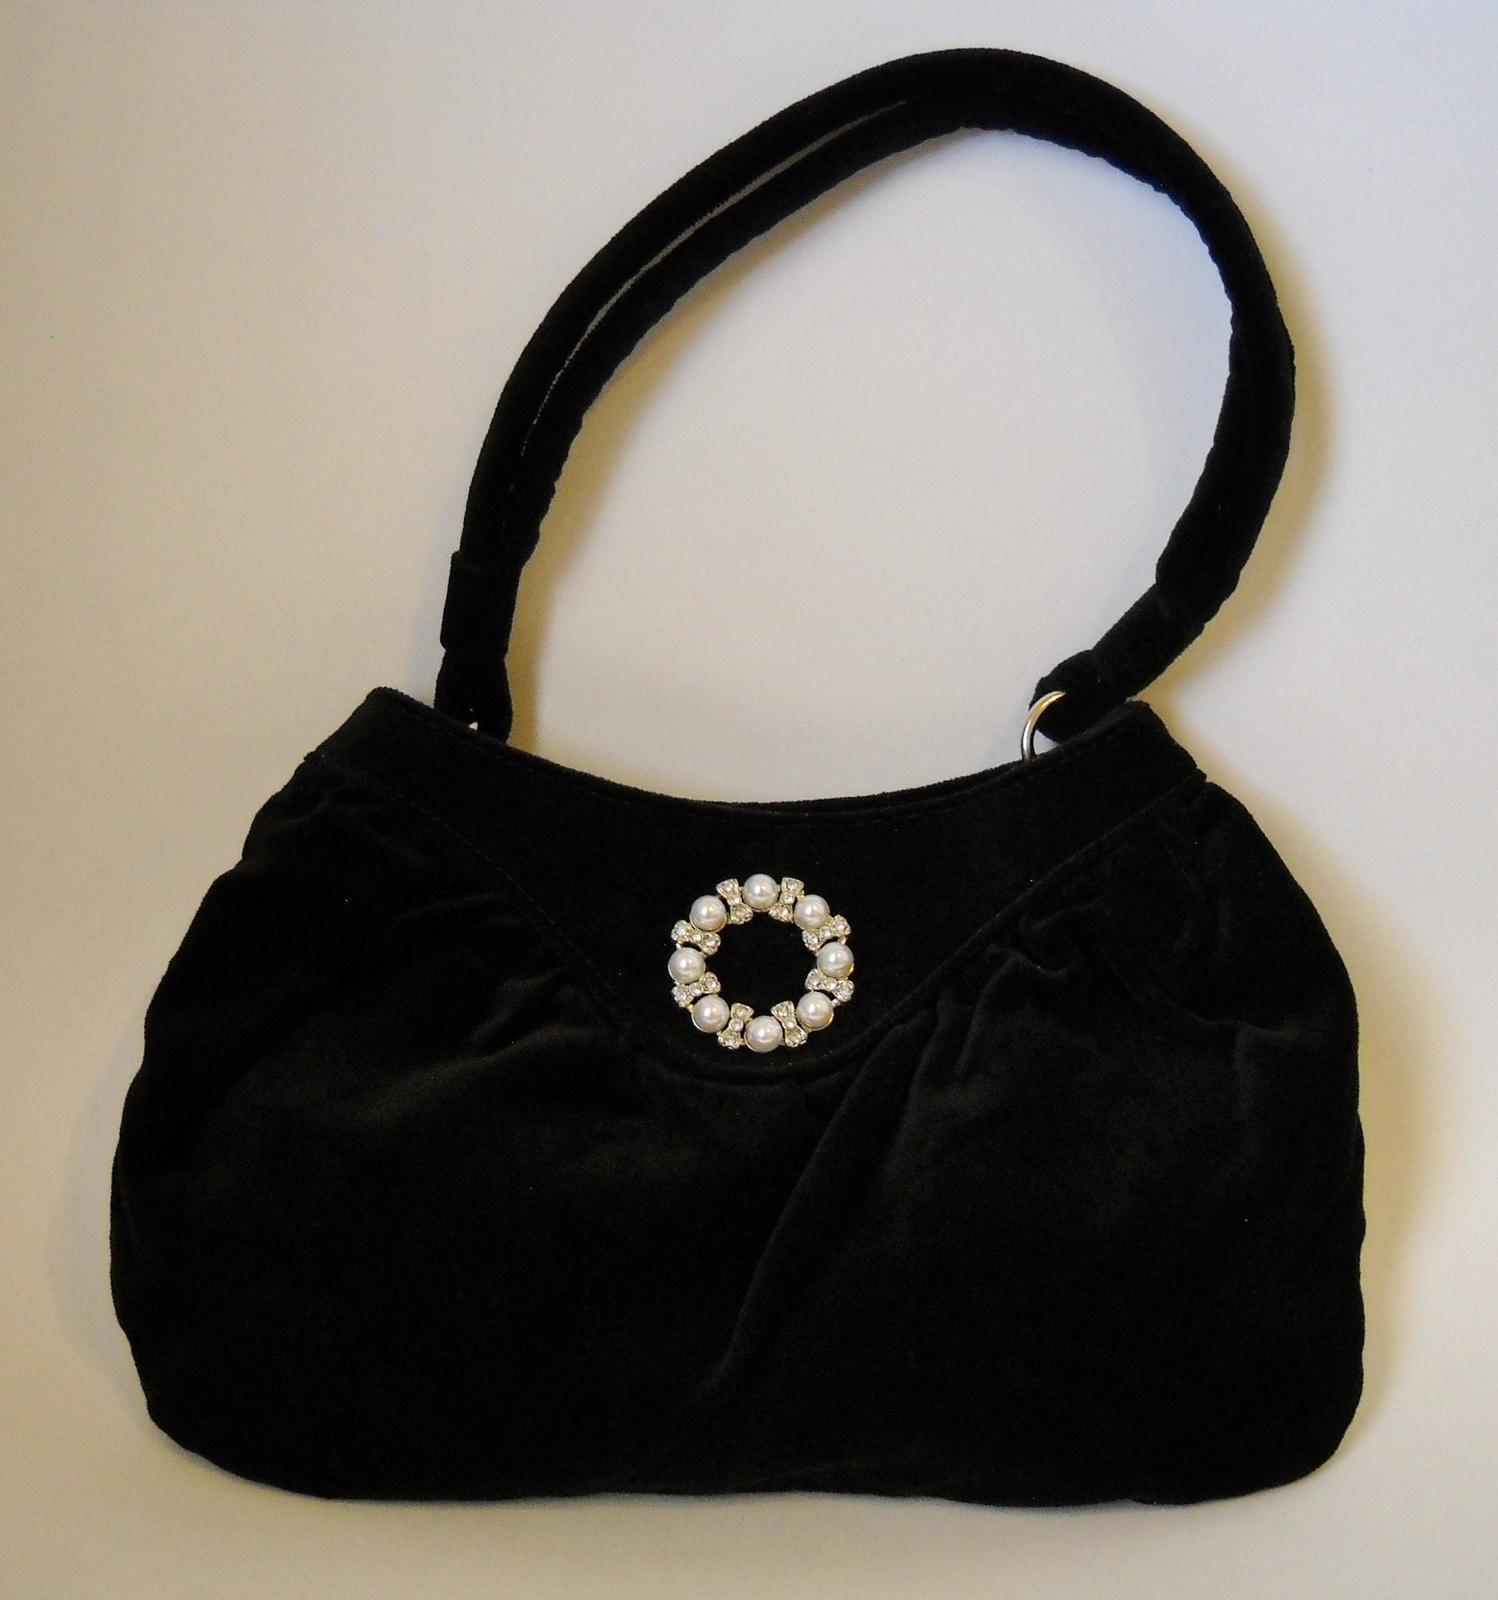 Find great deals on eBay for black velvet handbag. Shop with confidence.